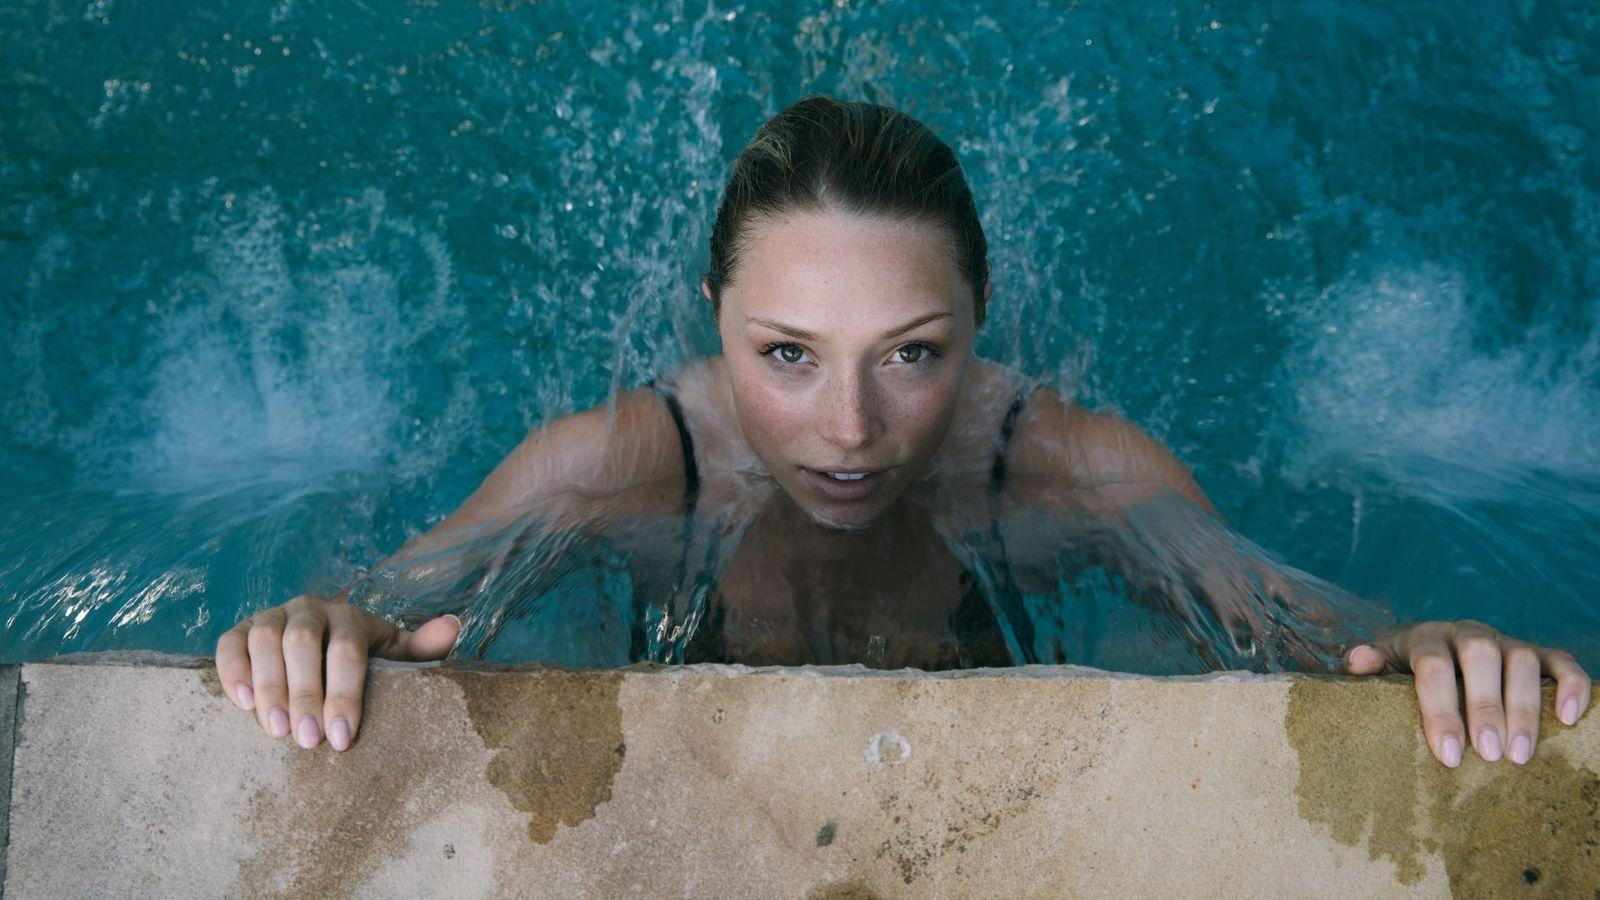 Foto: Sal del agua con el maquillaje en su sitio. (Thought Catalog para Unsplash)